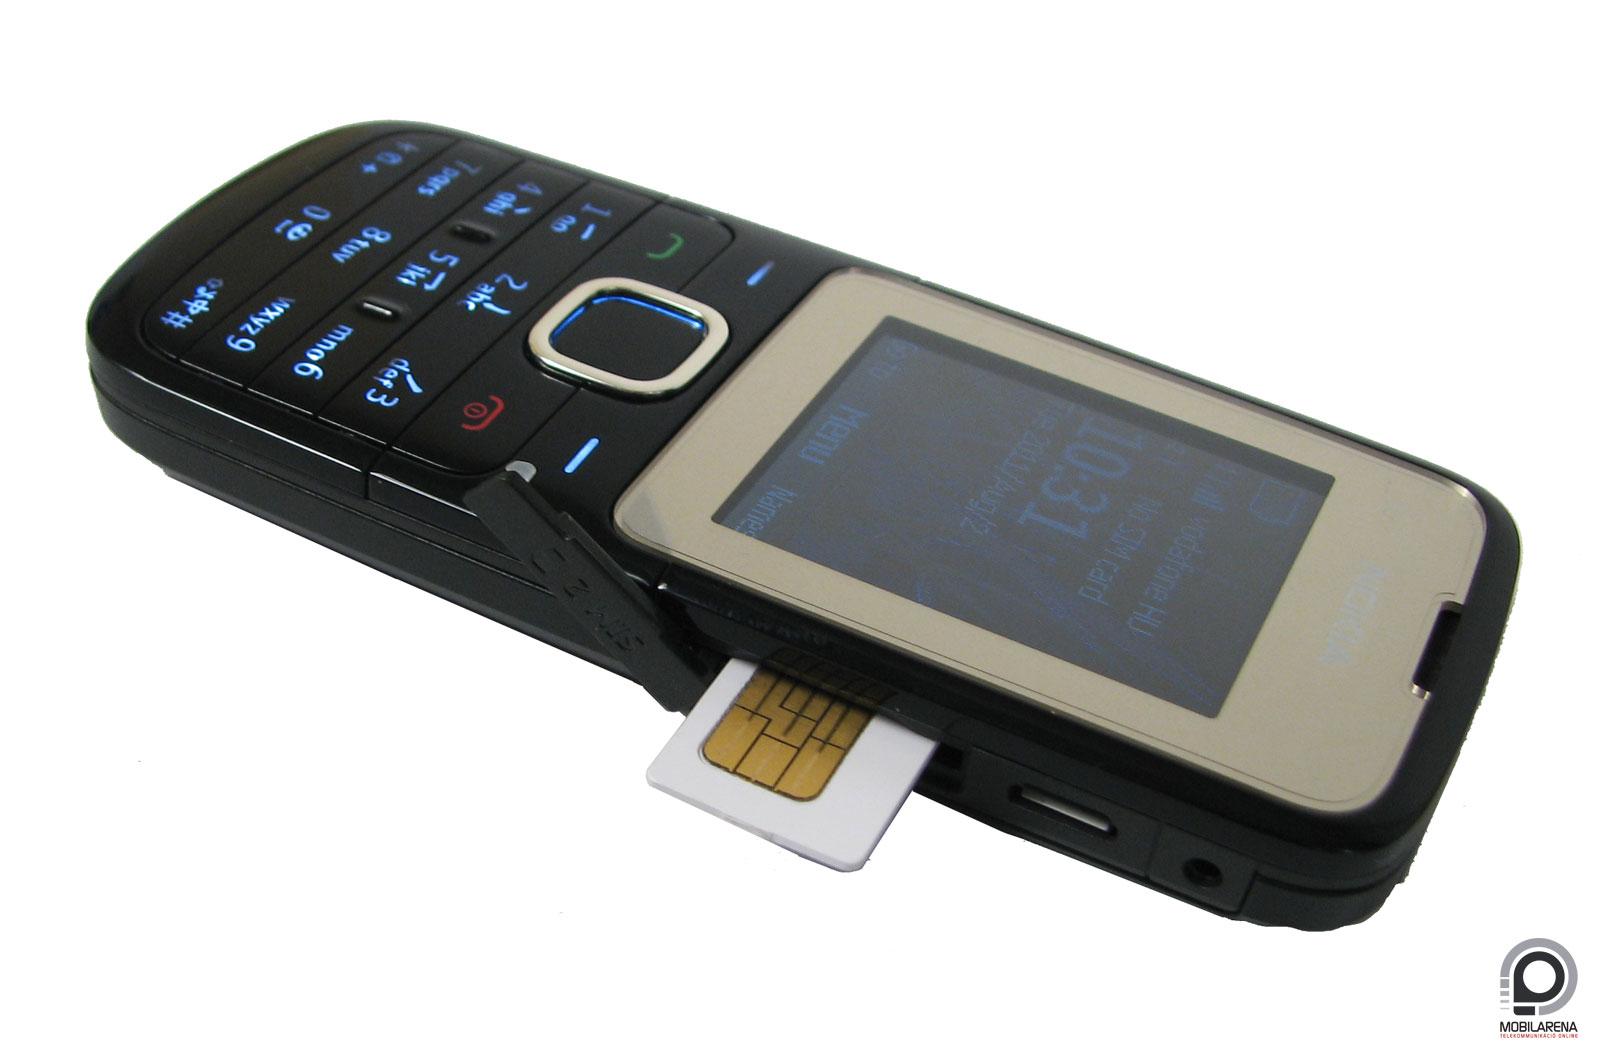 Nokia+C200 Nokia C200 Nokia c2-00